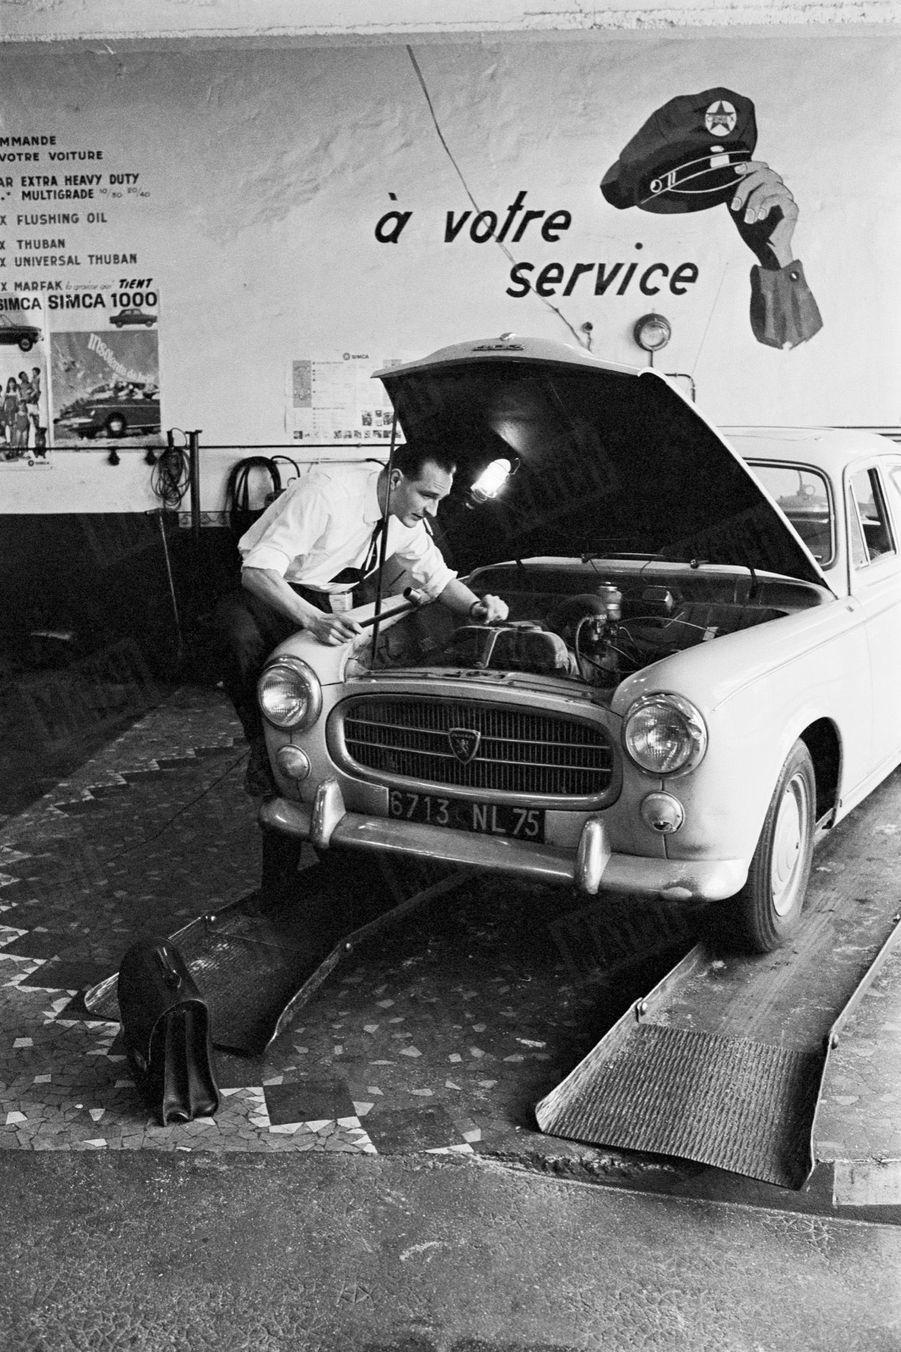 «Les nouveaux ministres : Jacques Chirac, le benjamin des quatre, est passé directement du cabinet du Premier ministre au secrétariat d'État à l'Emploi. Corrézien, il avait réussi l'exploit de conquérir de haute lutte un siège de député dans son pays natal. A bord de sa vieille 403 gonflée qui monte à 180, deux fois par semaine, il fait 1 000 km pour rejoindre son département». - Paris Match n°941, daté du 22 avril 1967.